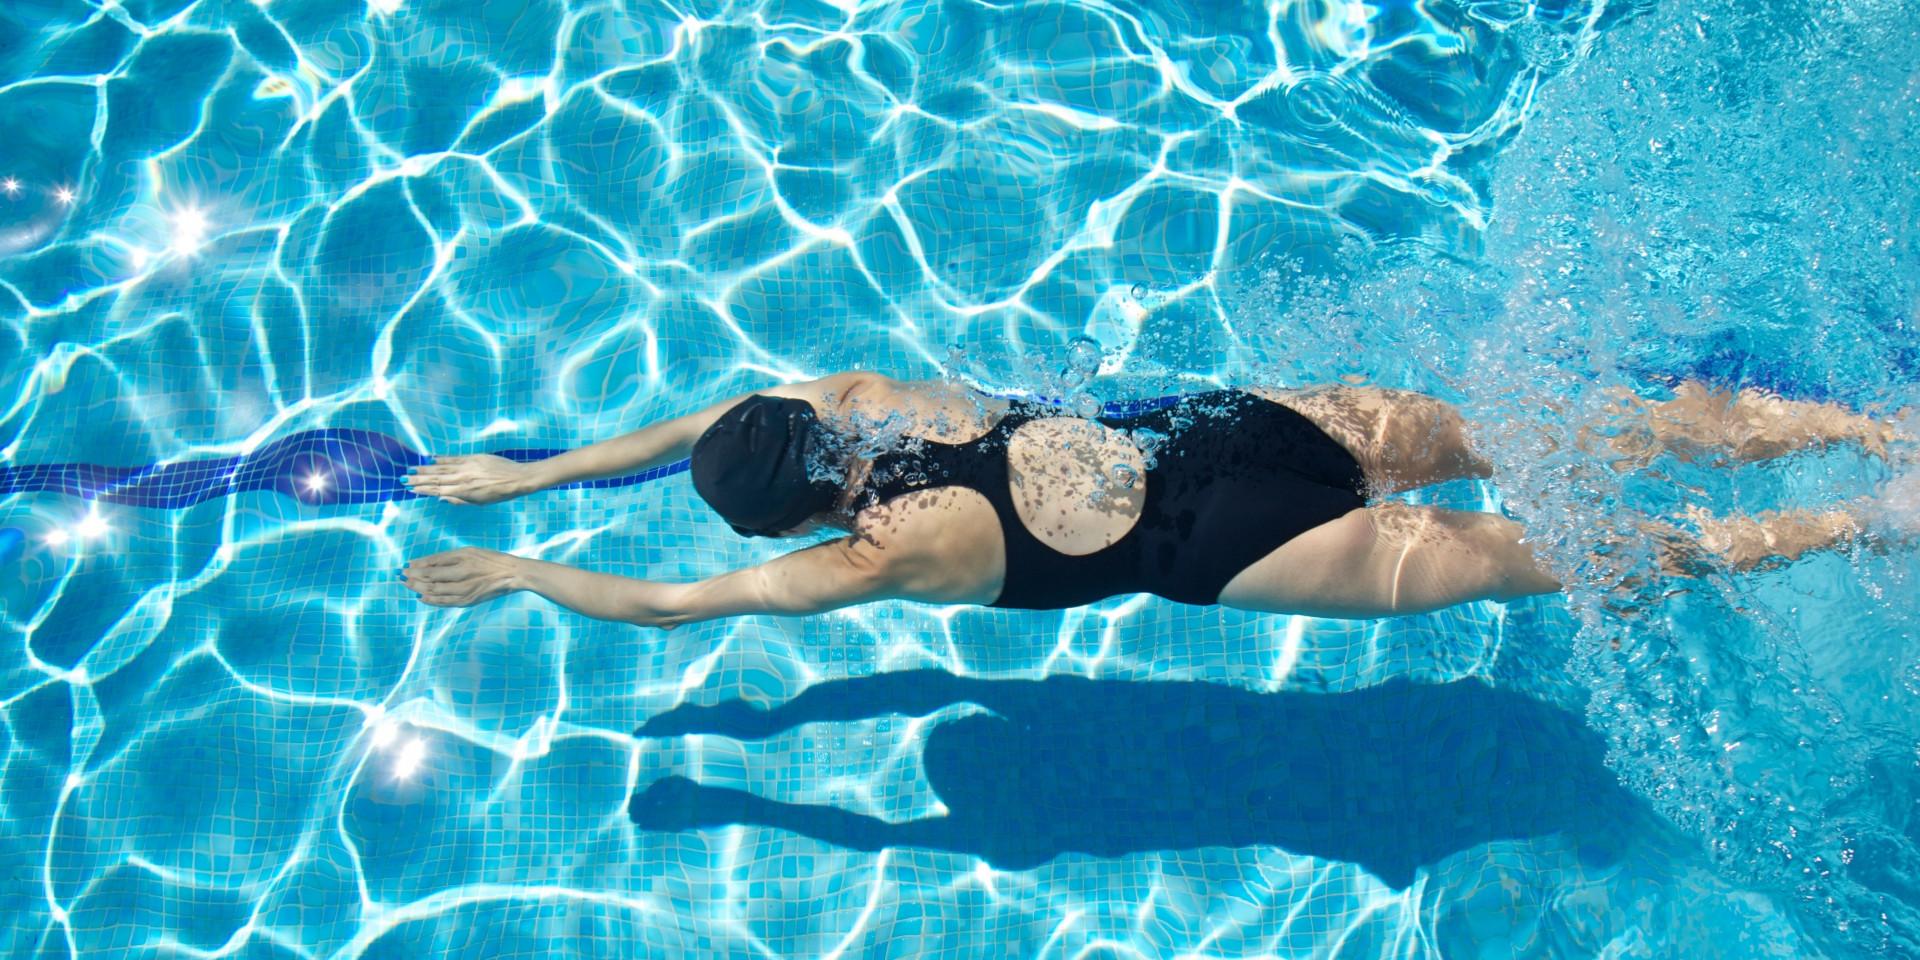 Zwembad de Sprenkelaar: 'Een lokaal zwembad met ambitie'